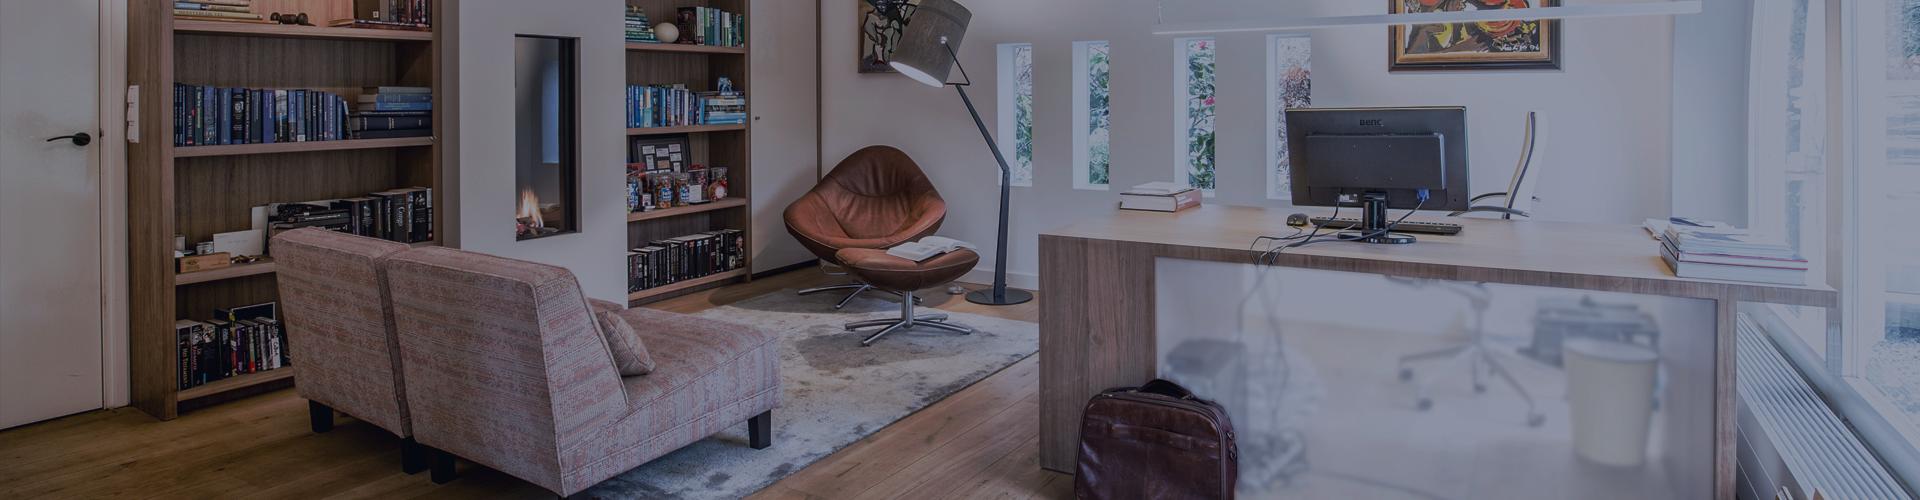 Thuiskantoor in plaats van een garage door hemelsby - Thuis kantoor ...